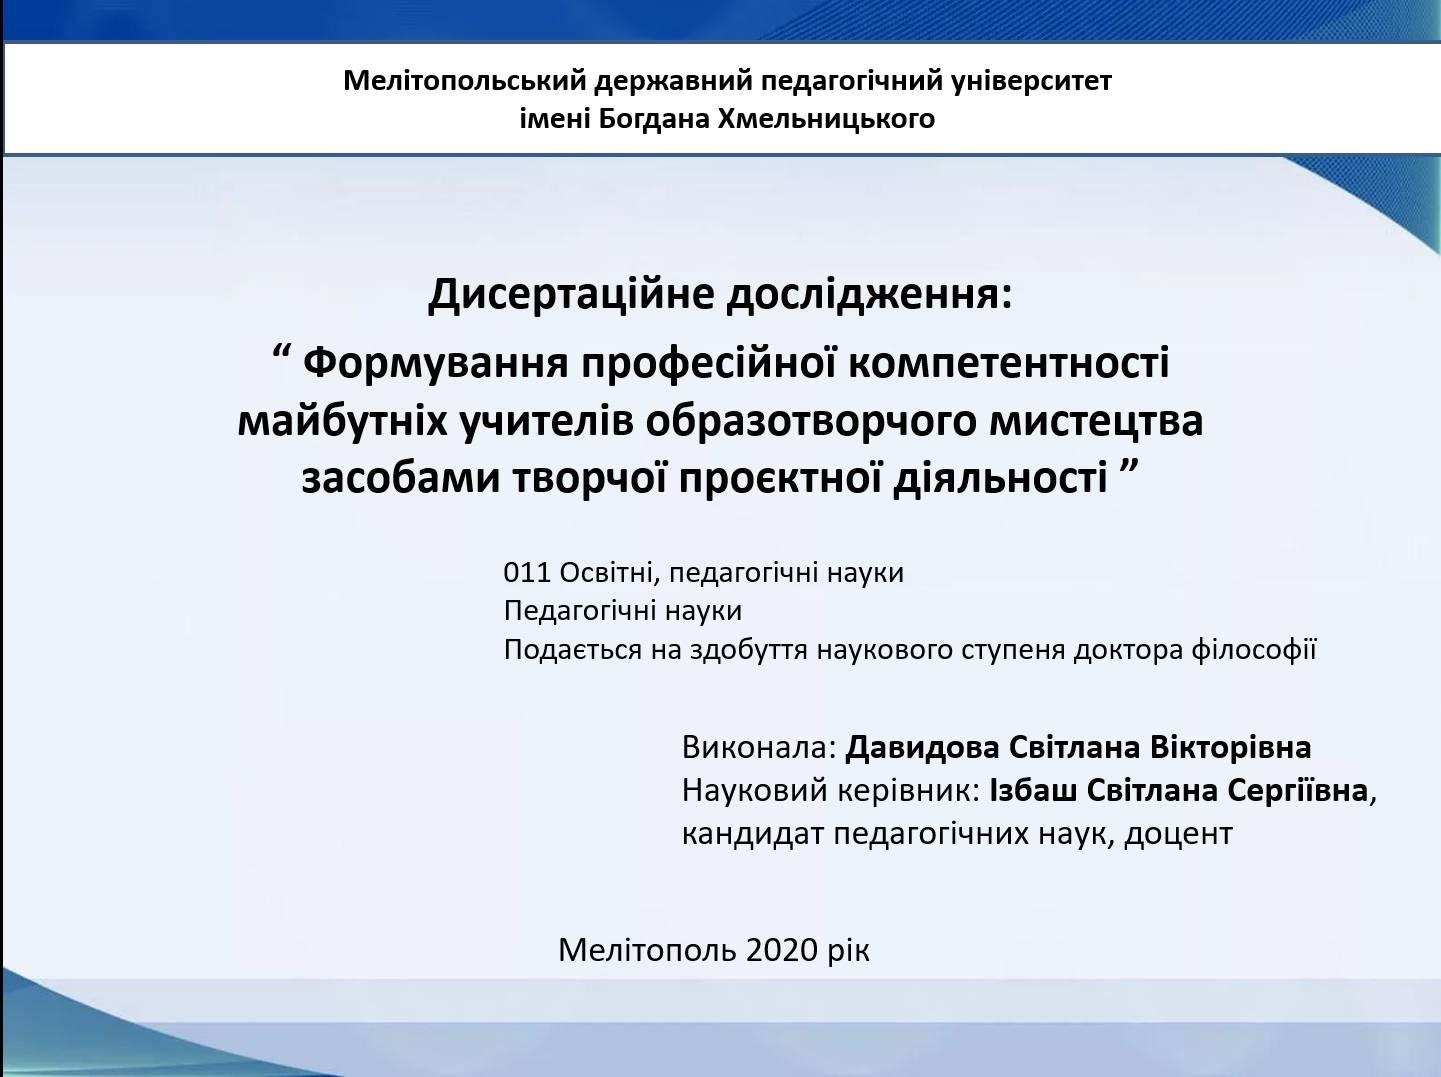 Вперше в історії кафедри педагогіки і педагогічної майстерності проведено кафедральний семінар апробації дисертаційного дослідження